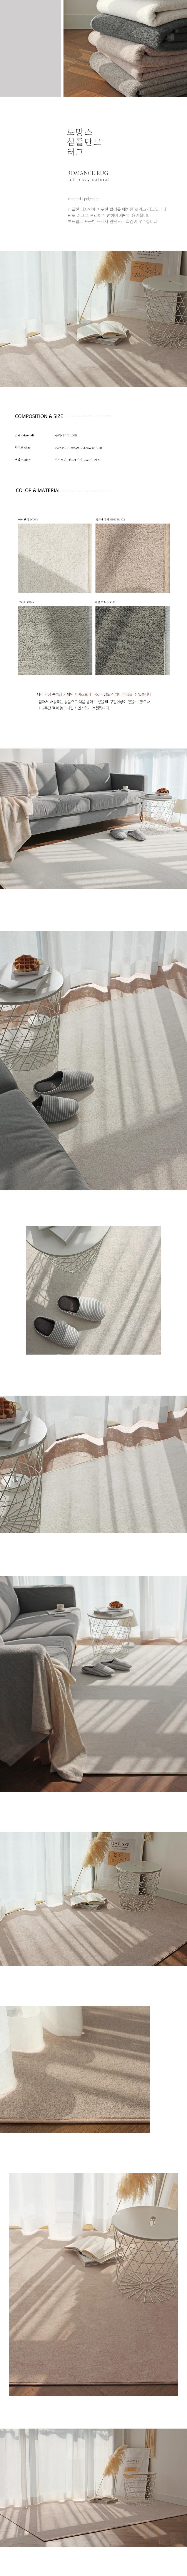 로망스 물세탁 사계절 심플 단모 대형 거실 러그 200x250 - 더프리그, 63,910원, 디자인러그, 디자인러그